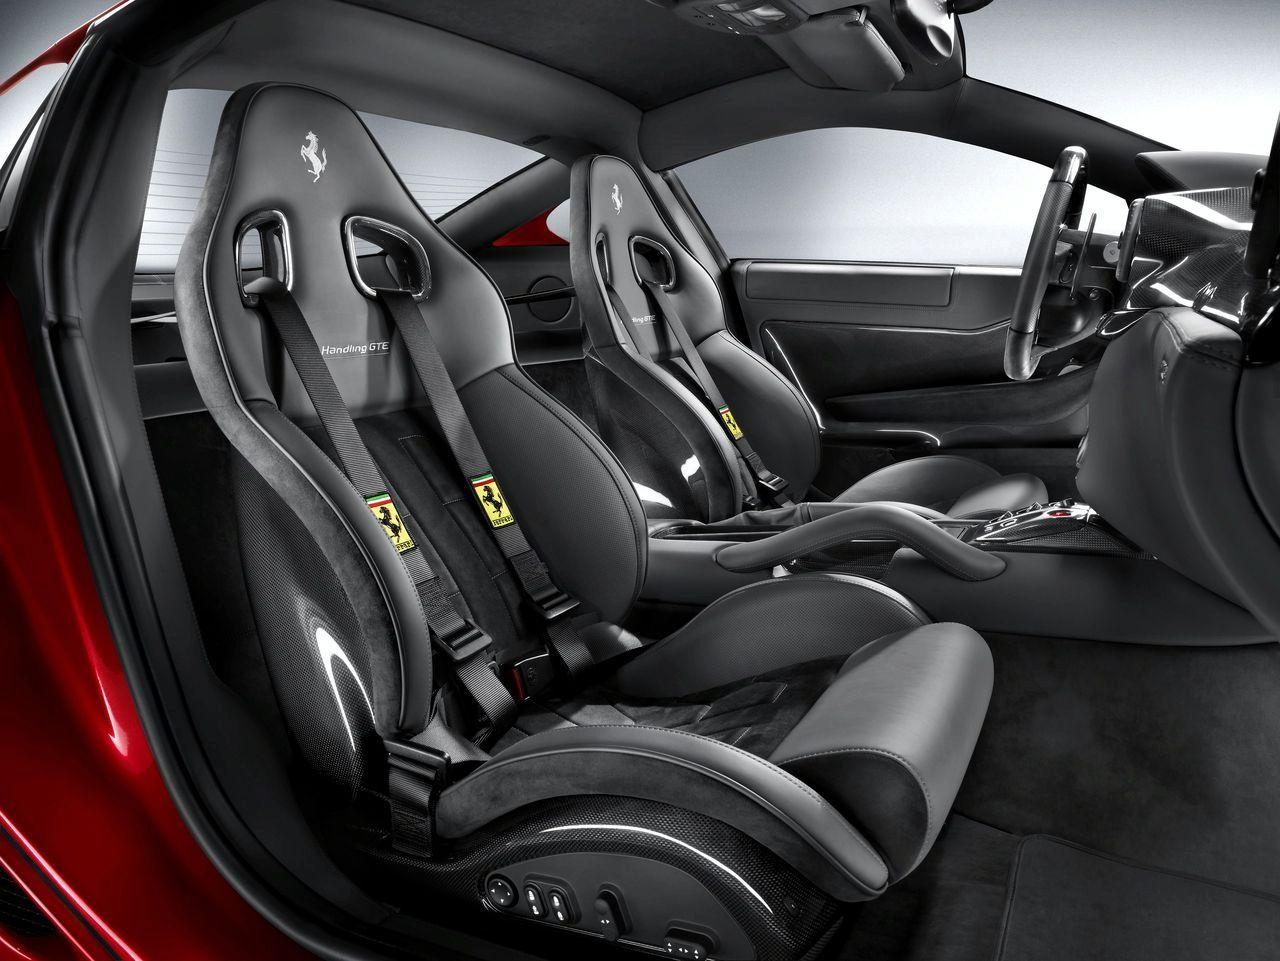 ferrari599hgte_3 Ferrari, Ferrari 599, Car seats